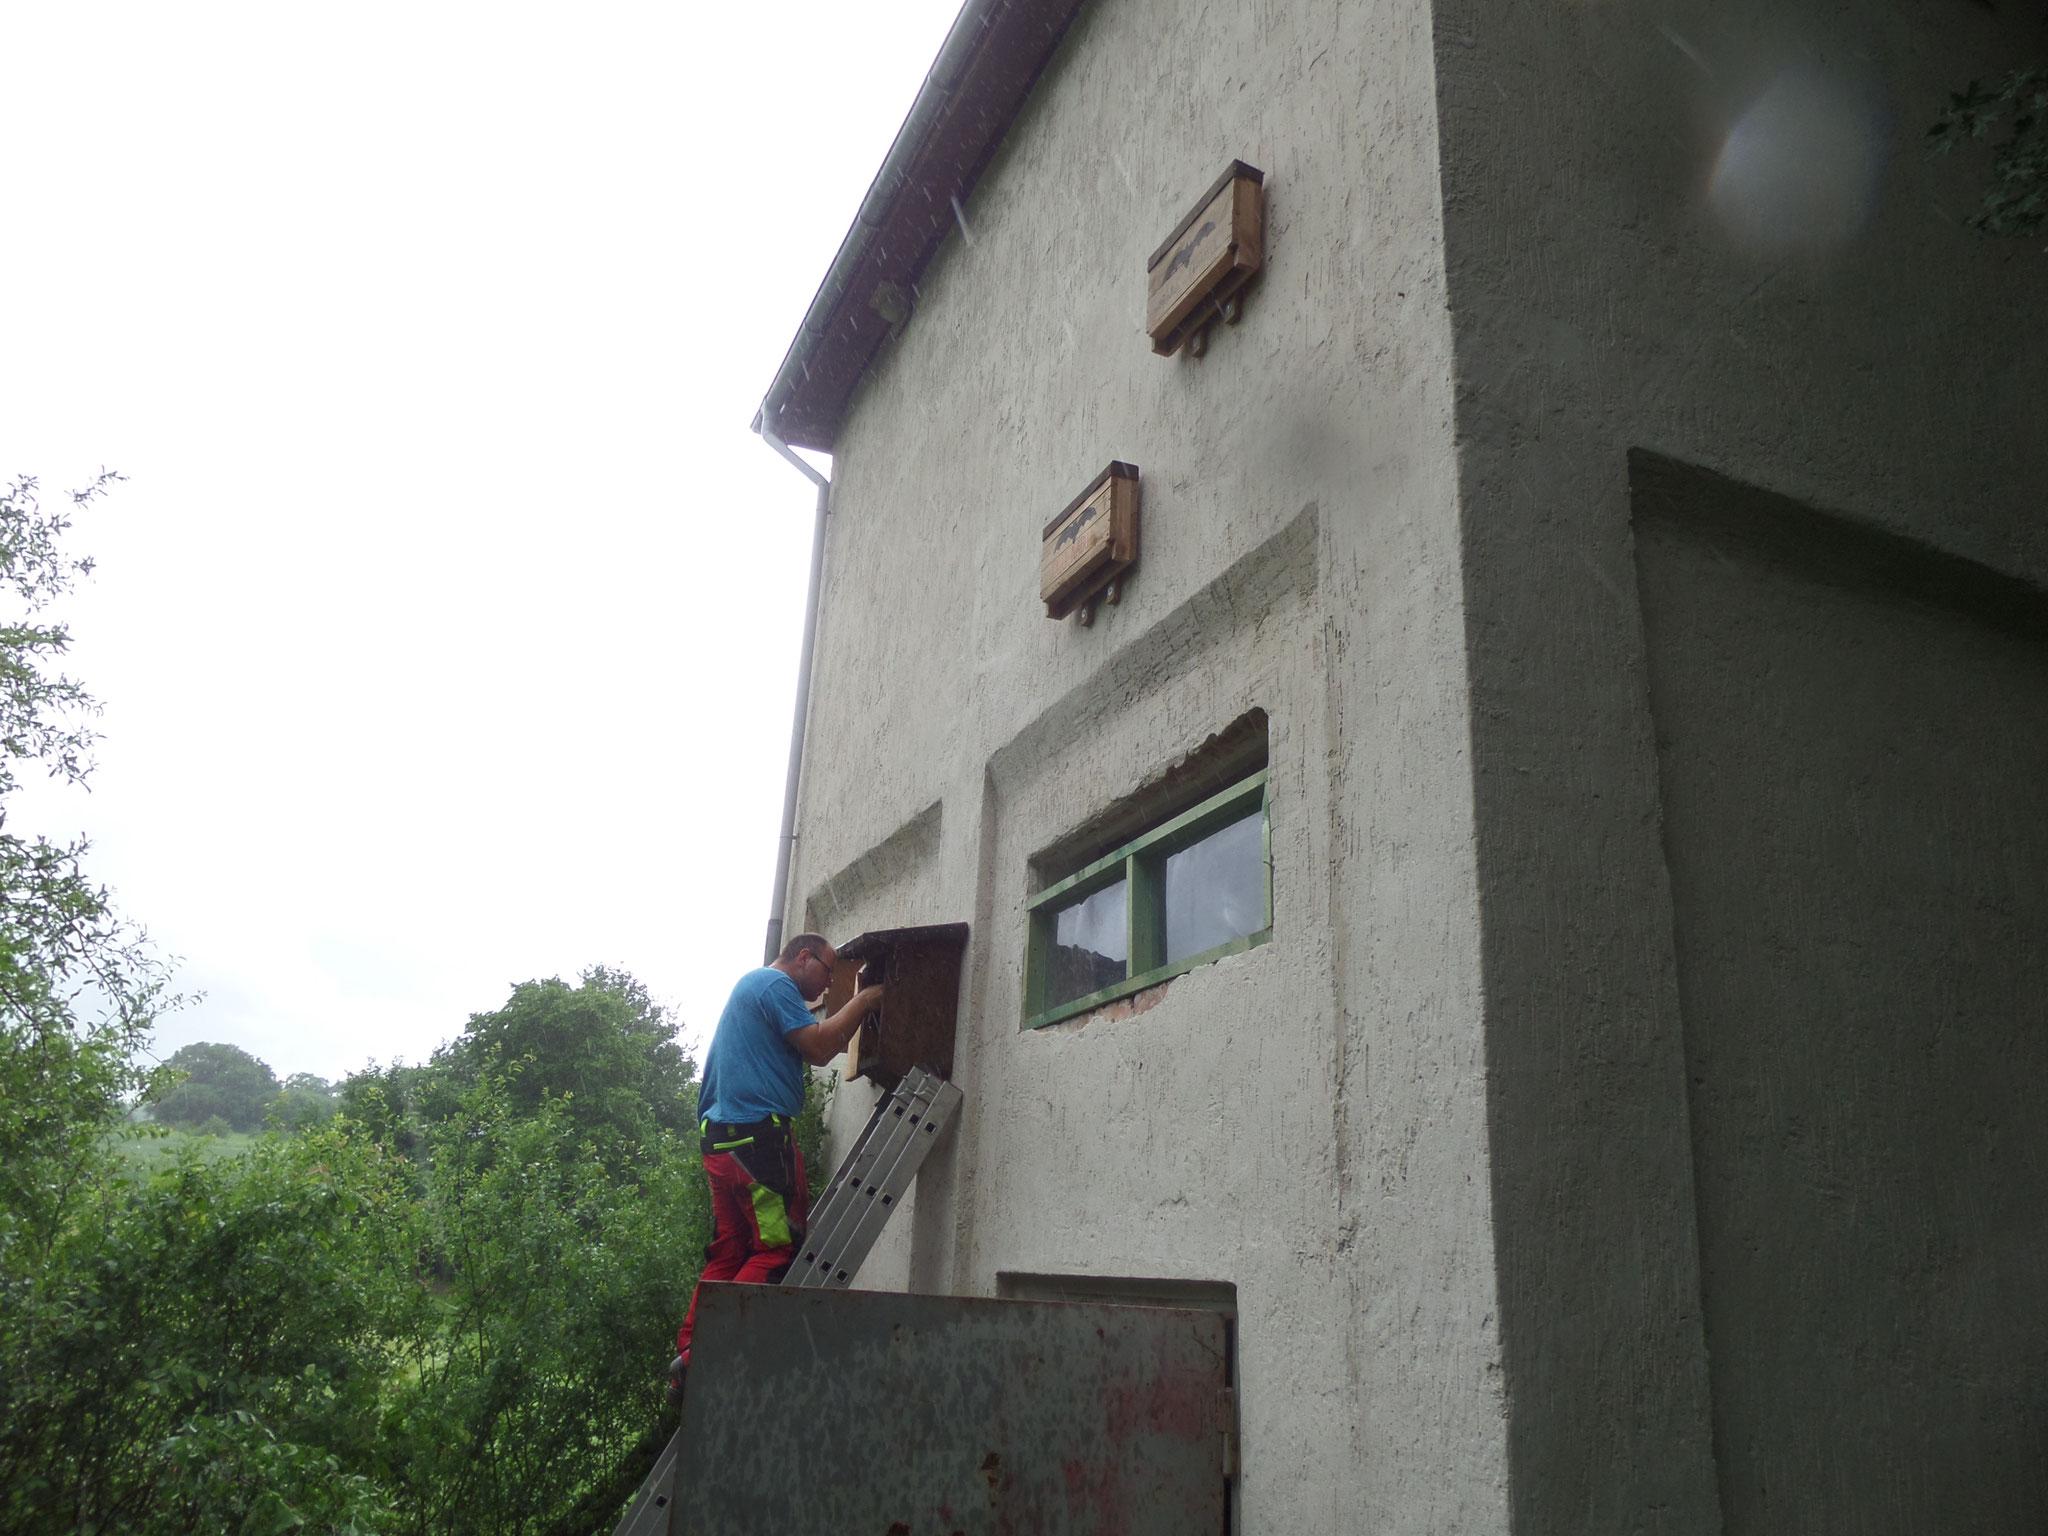 Montage eines Hornissen-Kastens